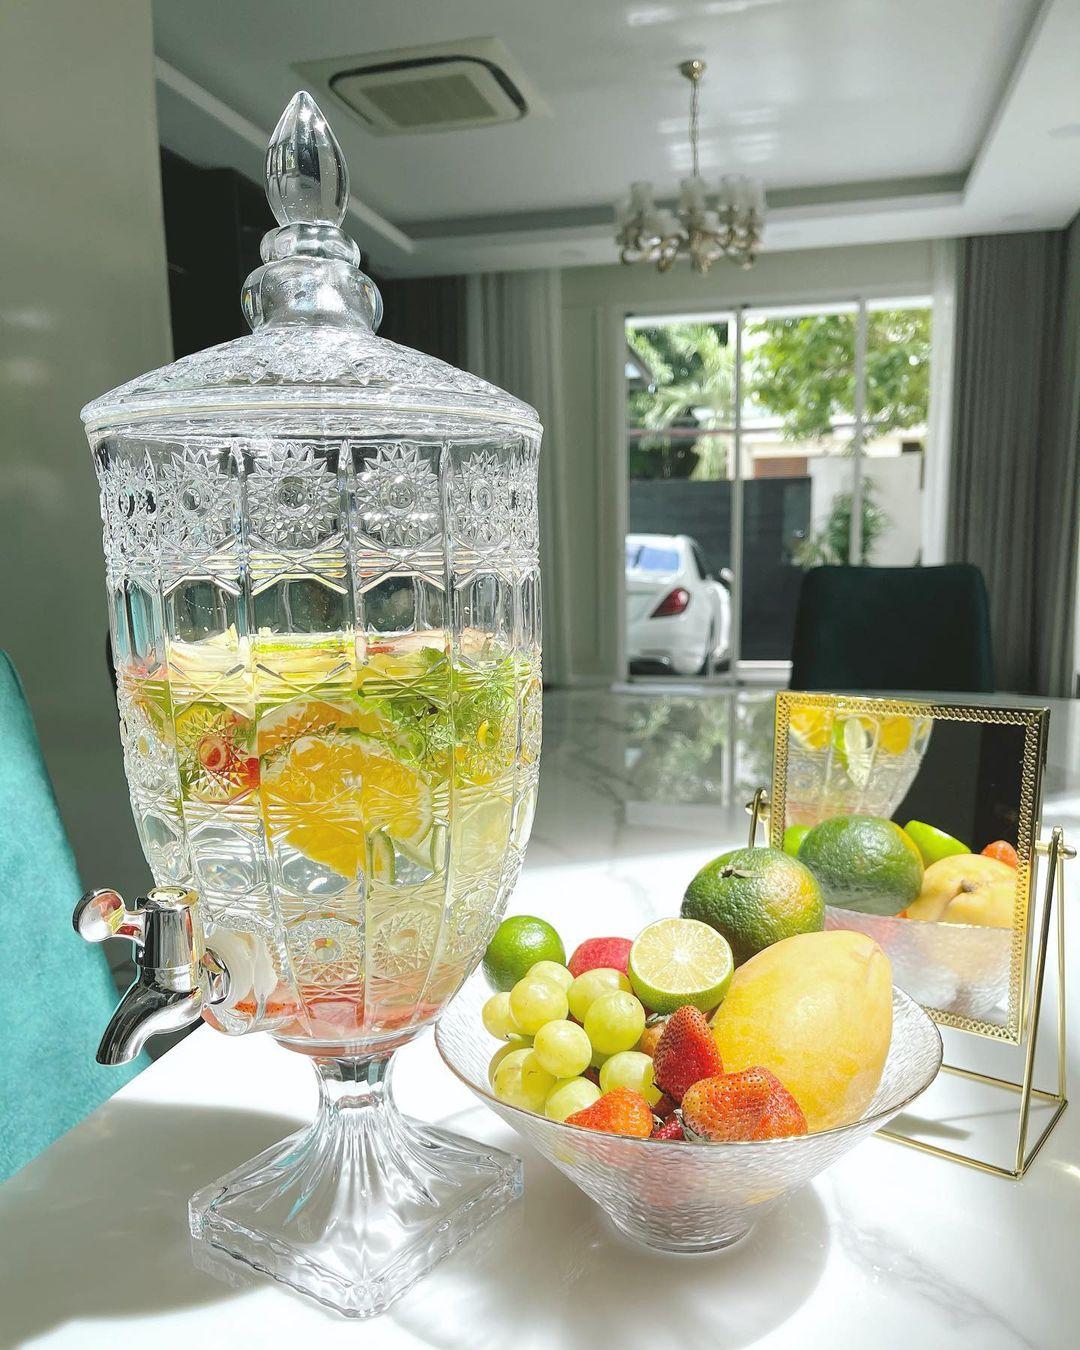 Ngoài trà mật ong, thỉnh thoảng Lam Cúc cũng làm nước detox với các nguyên liệu giàu vitamin C như dâu tây, chanh, cam...